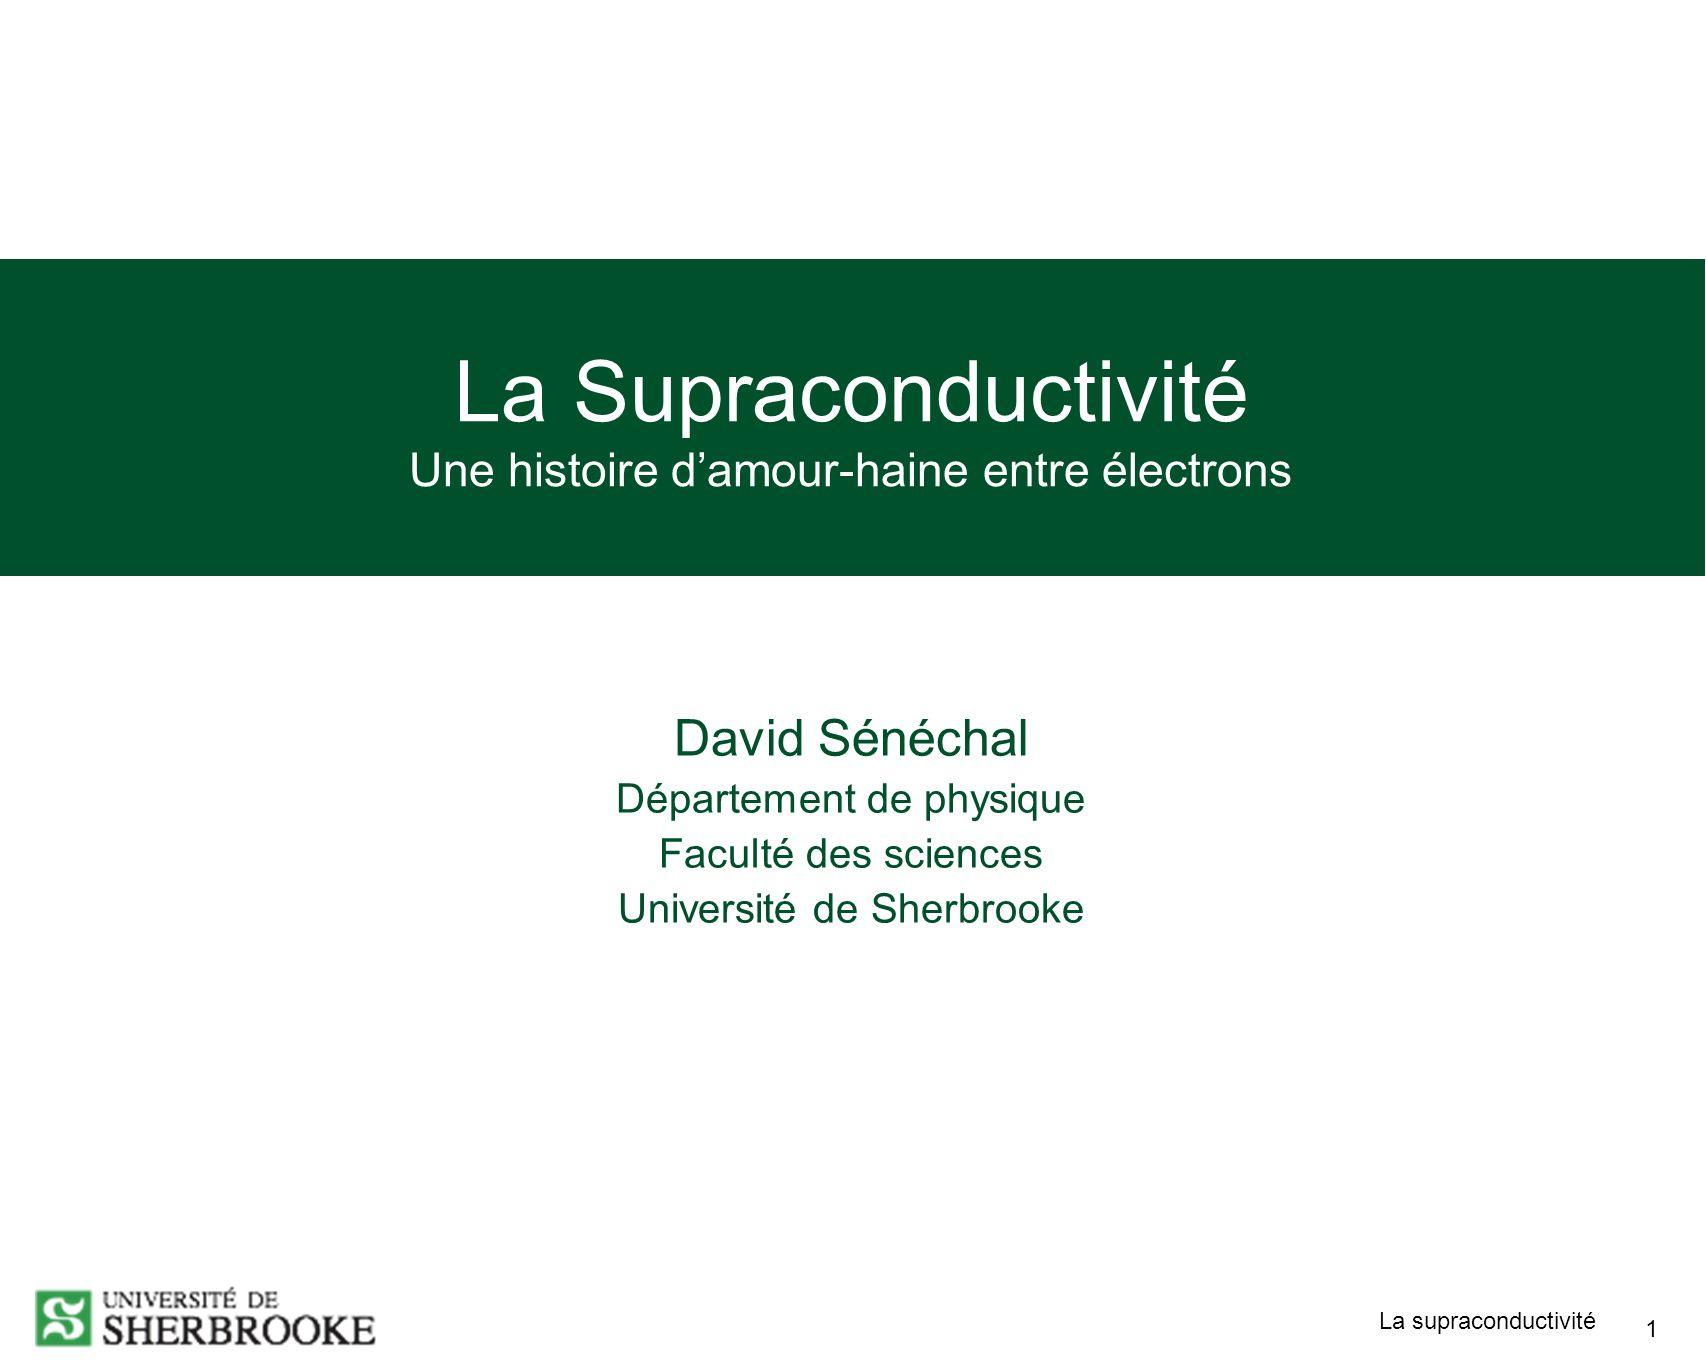 La supraconductivité 1 La Supraconductivité Une histoire damour-haine entre électrons David Sénéchal Département de physique Faculté des sciences Université de Sherbrooke